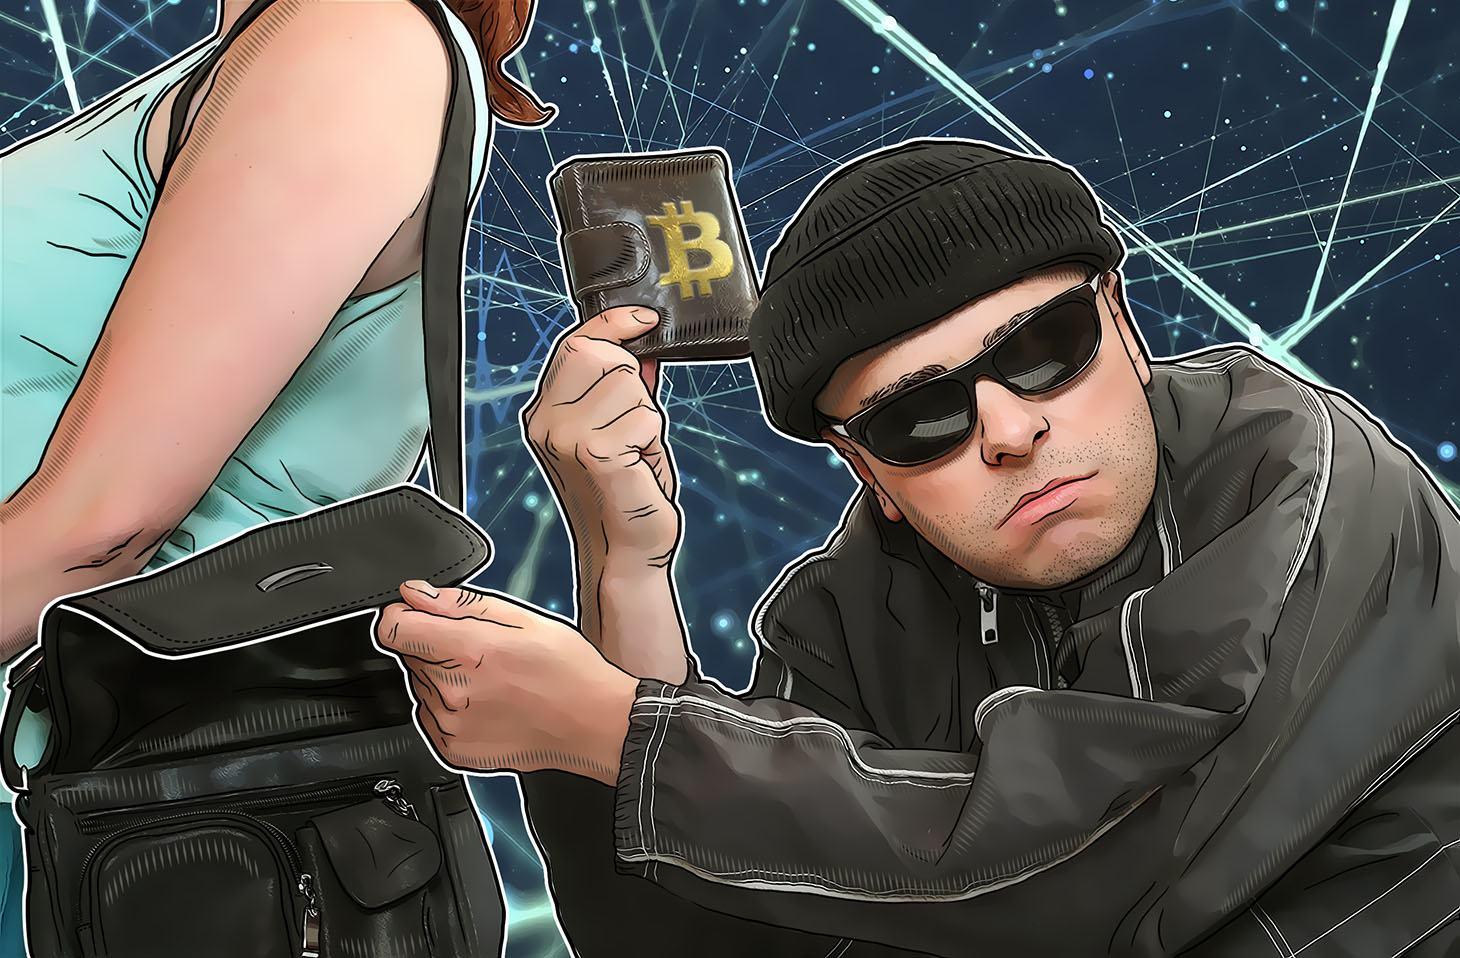 Авторы примитивного трояна CryptoShuffler уже похитили порядка $150 000